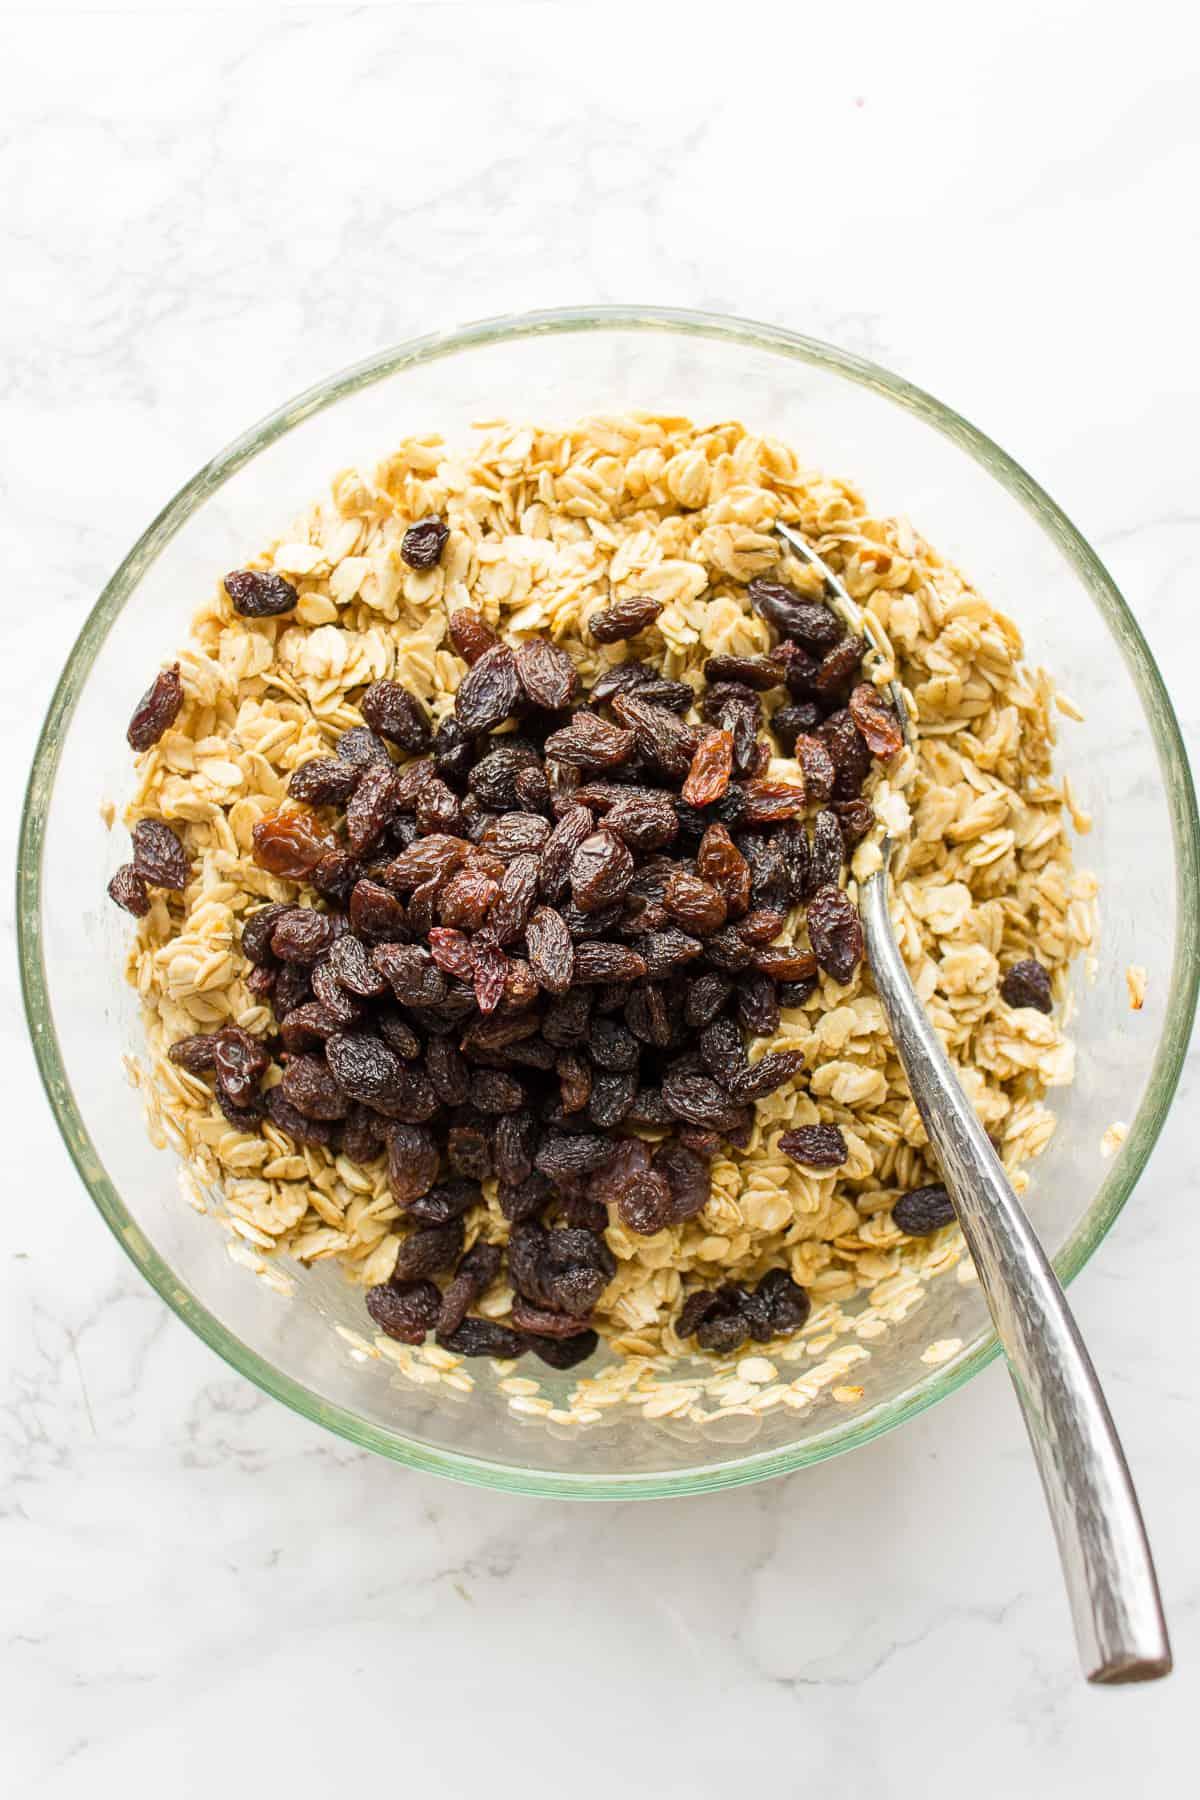 Stirring raisins into simple granola